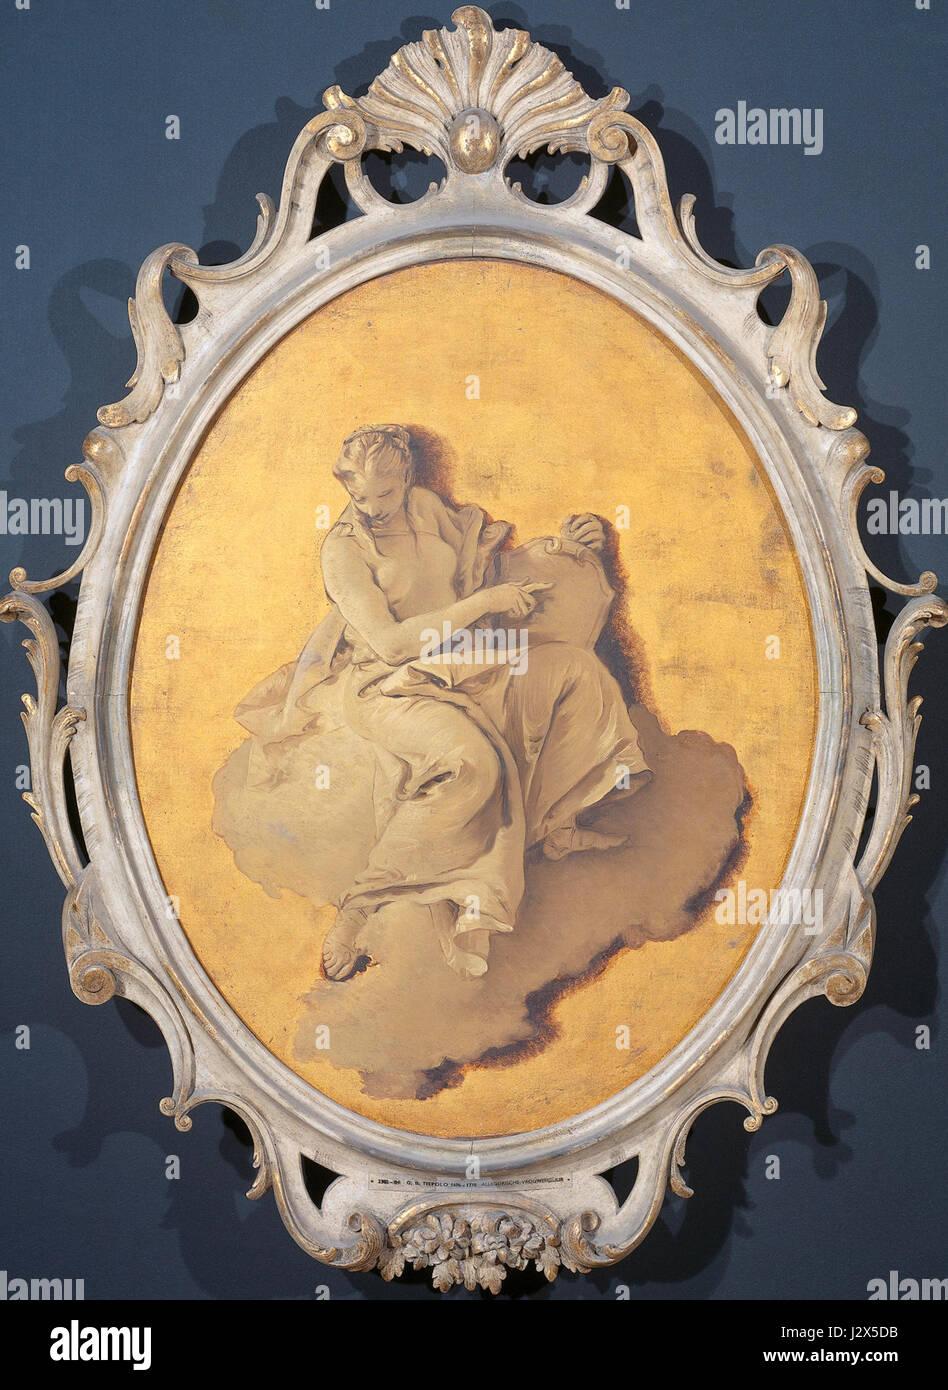 Allegorische vrouwenfiguur met een schild of spiegel (wellicht Voorzichtigheid) Rijksmuseum SK-A-3438 - Stock Image